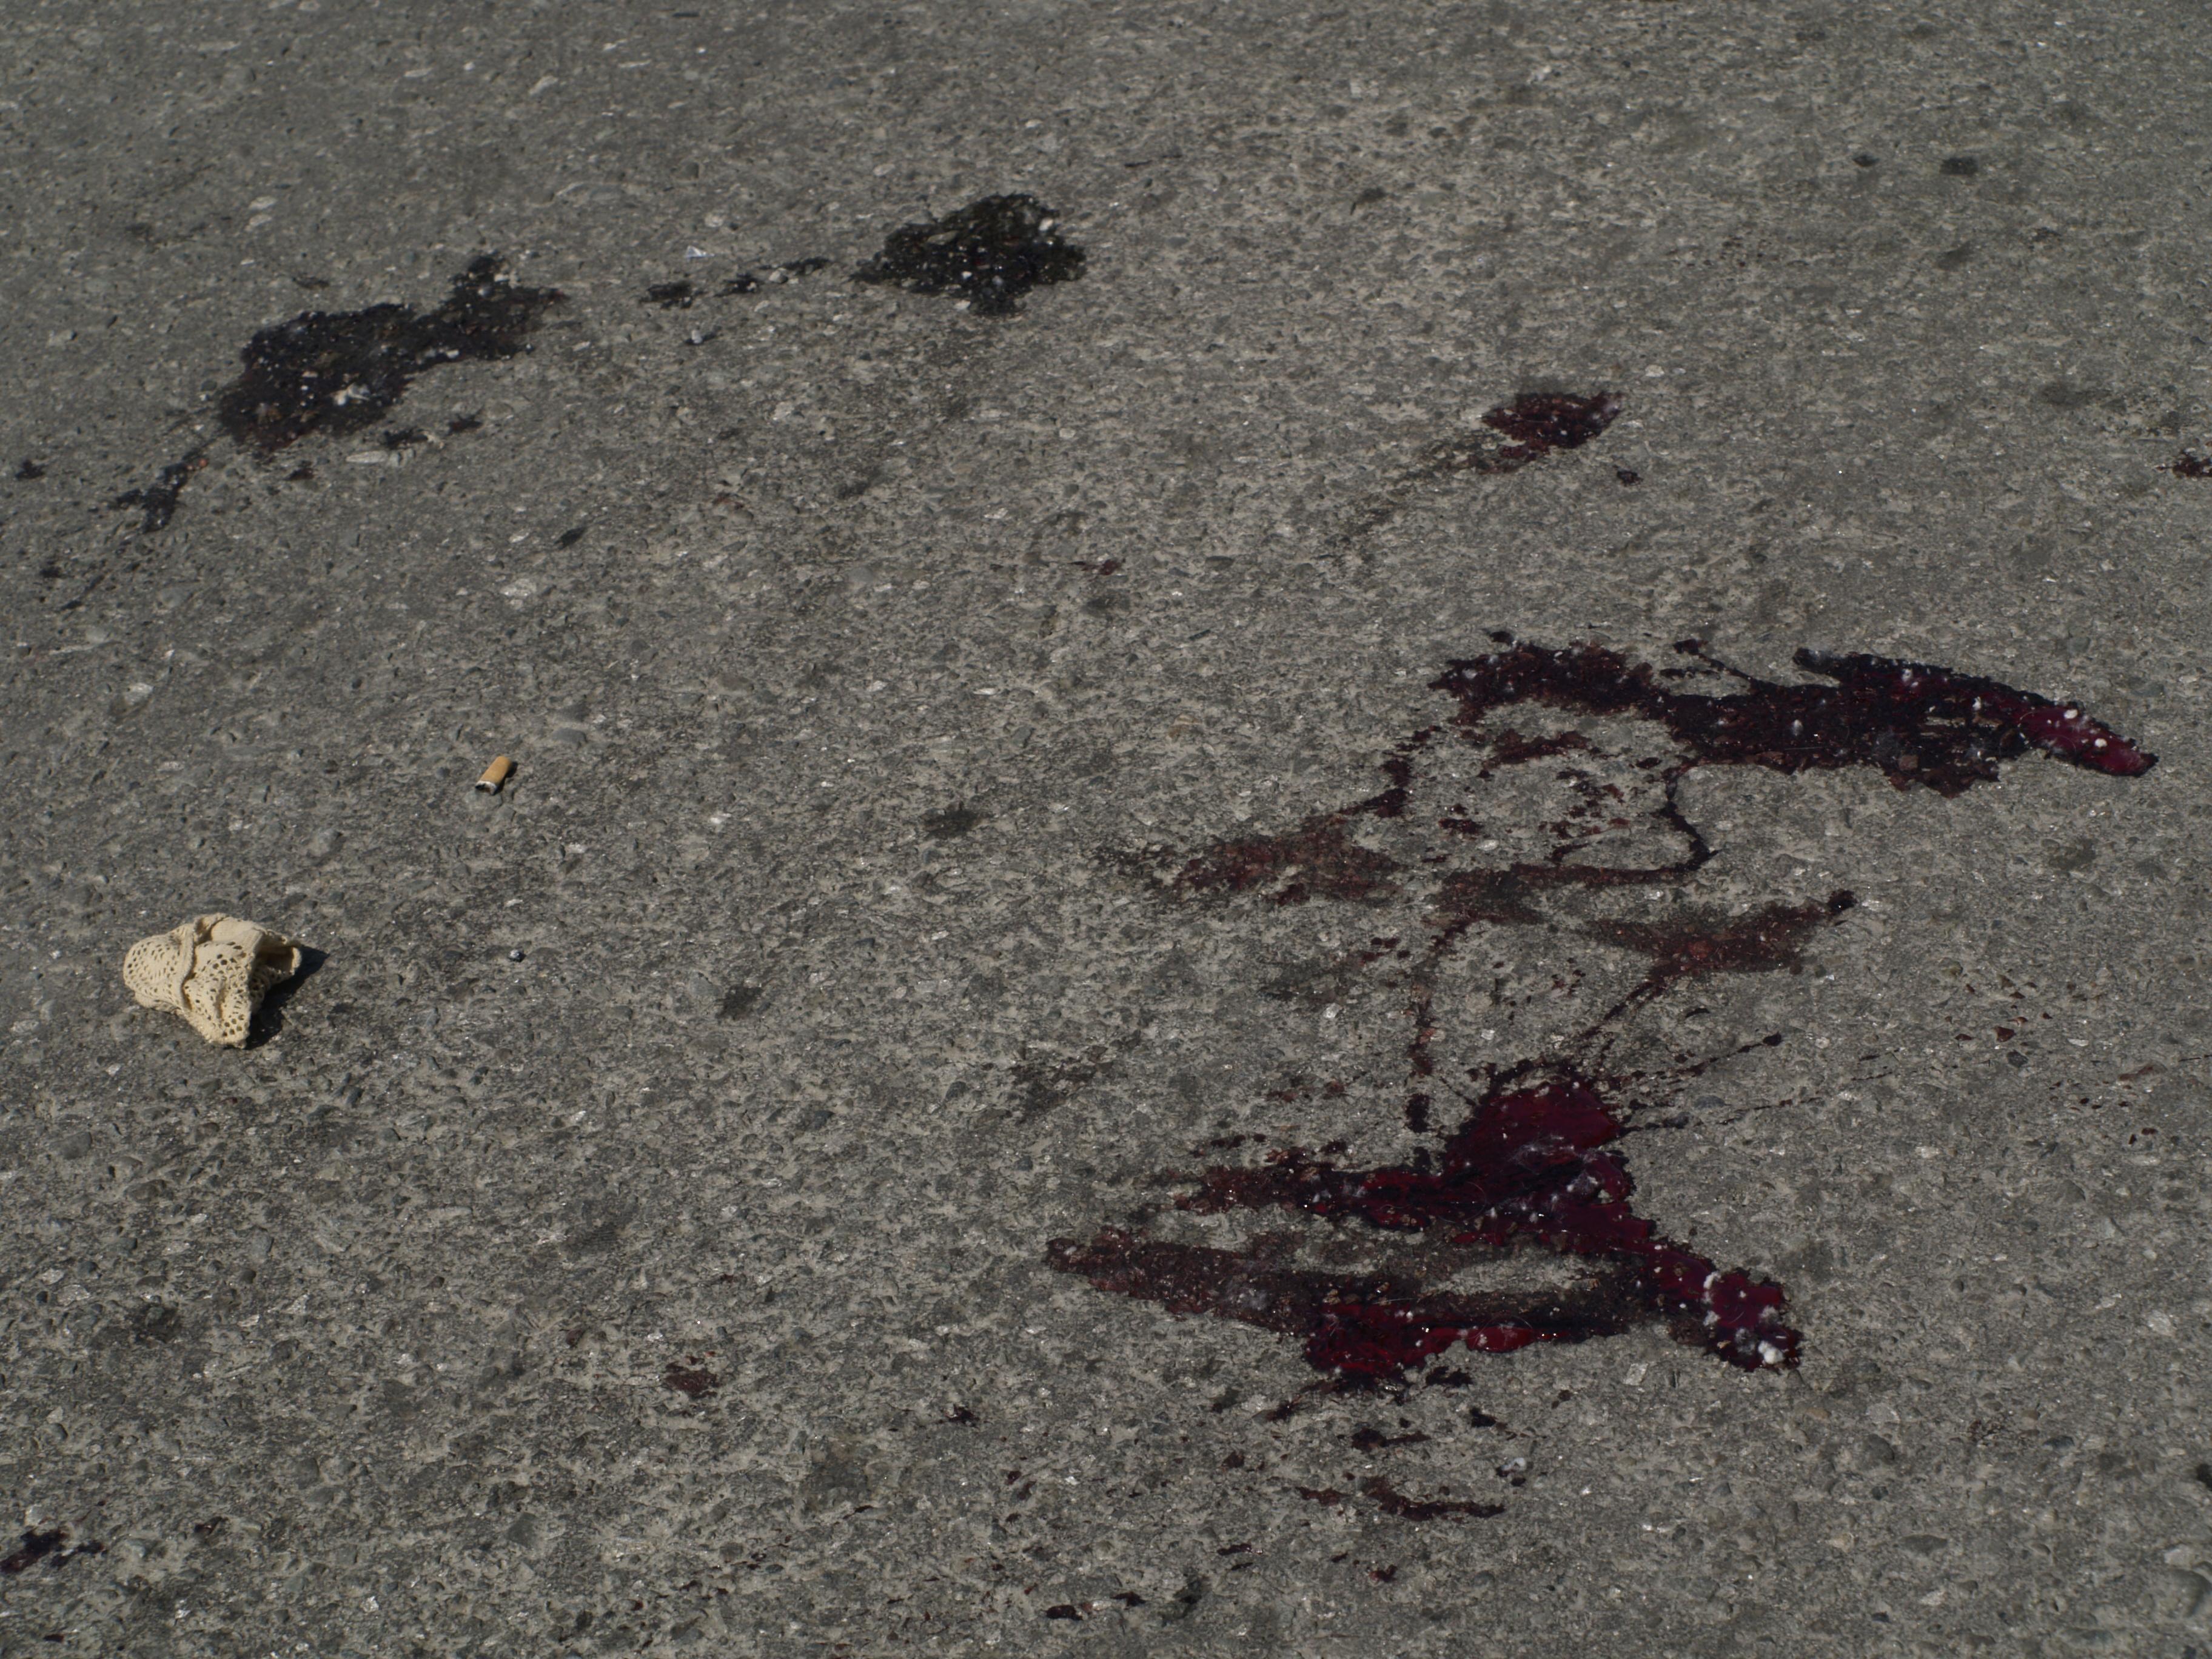 Ужасная новость: ребенок выпал из маршрутки прямо под колеса